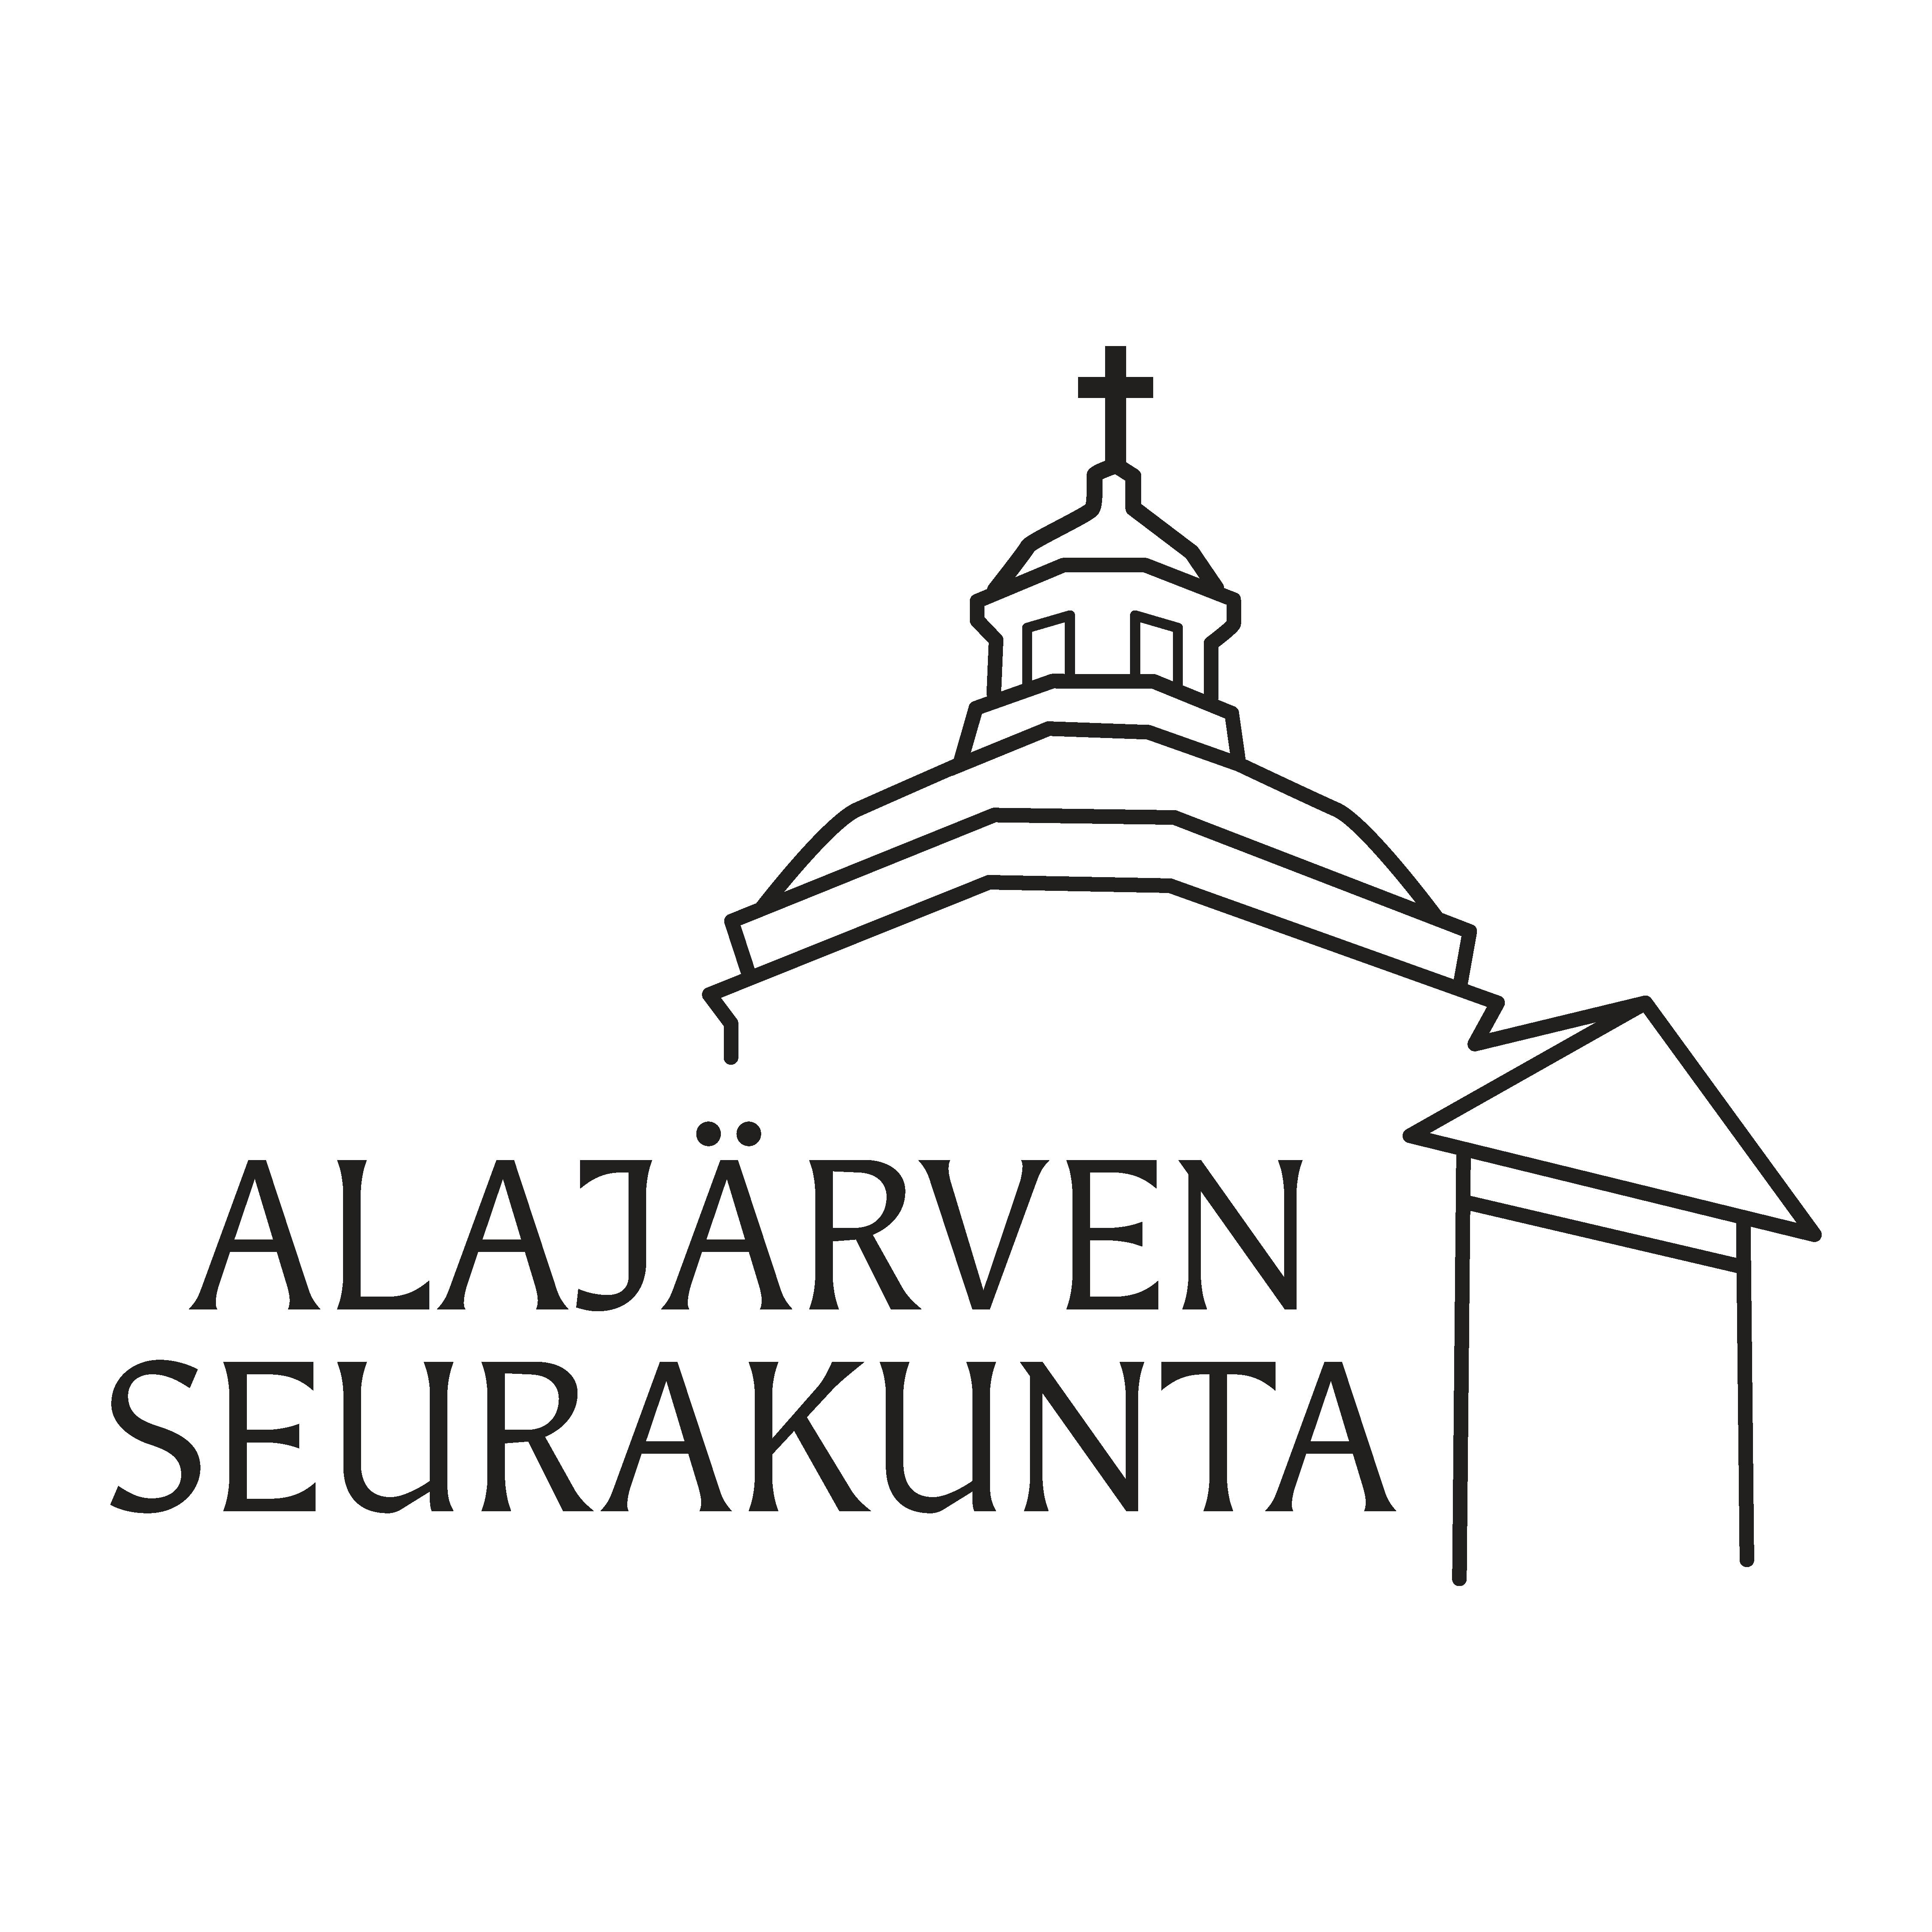 Alajärven seurakunta